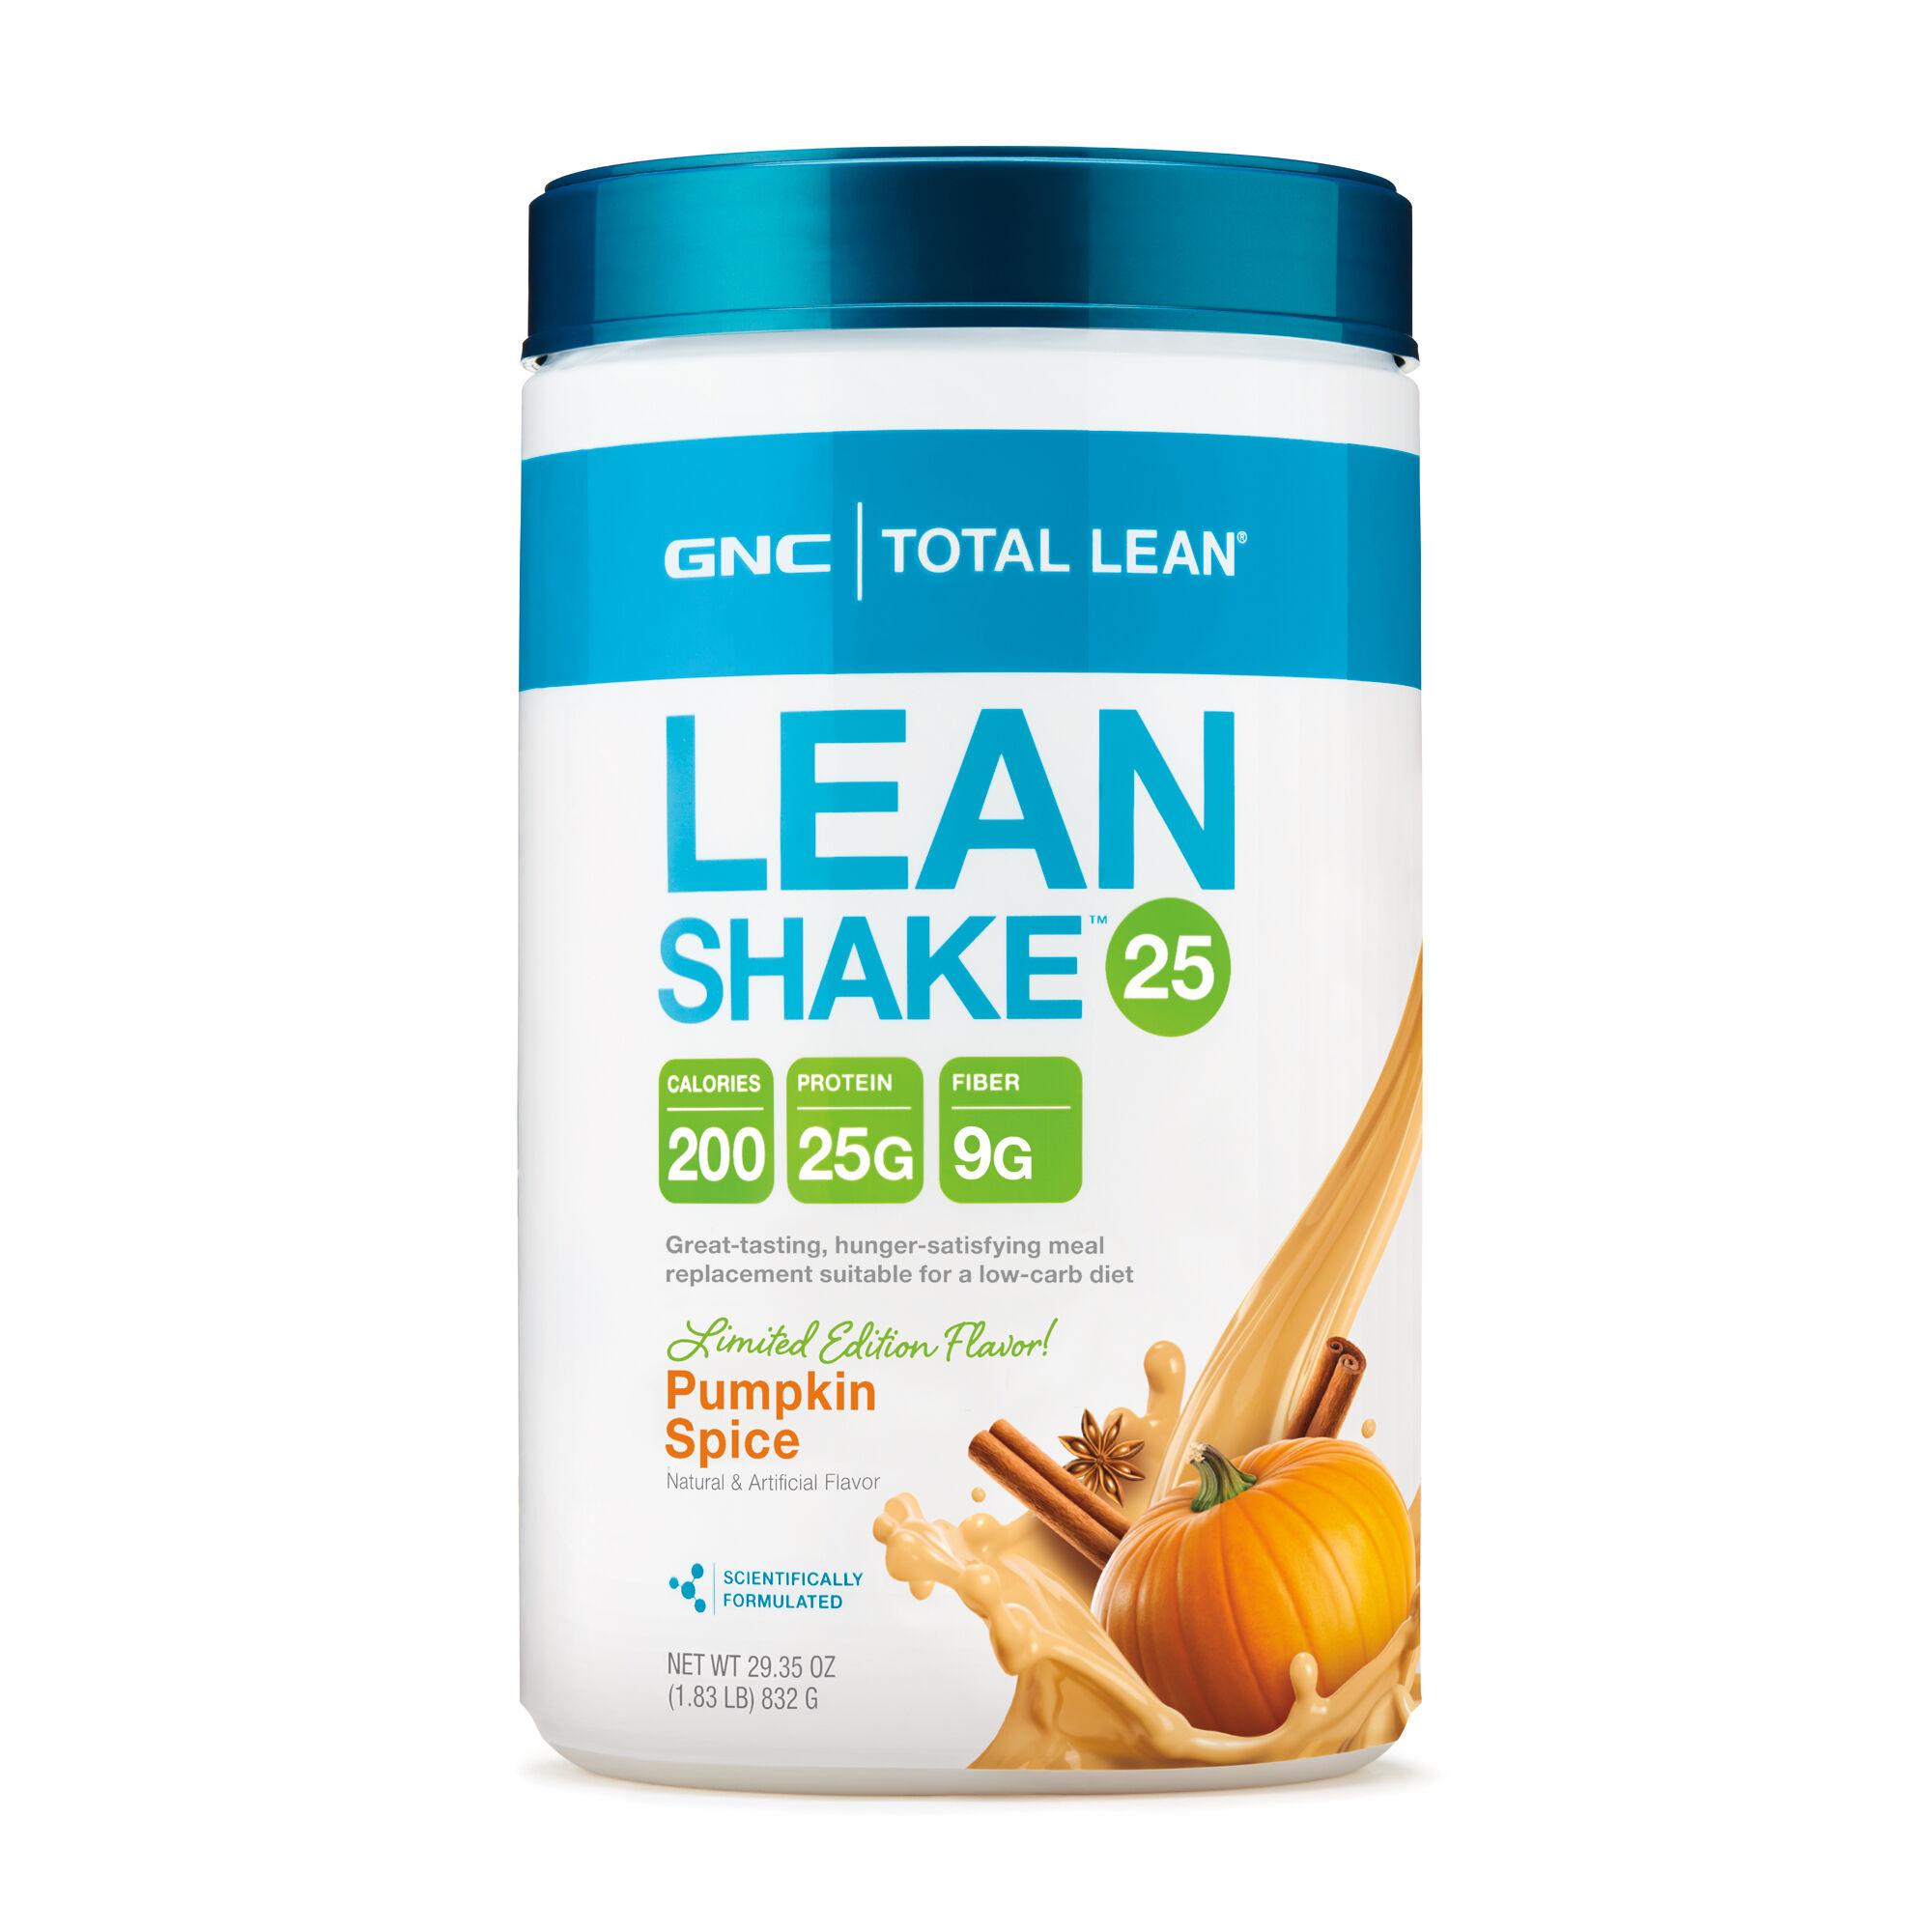 Lean Shake 25 Pumpkin Spice